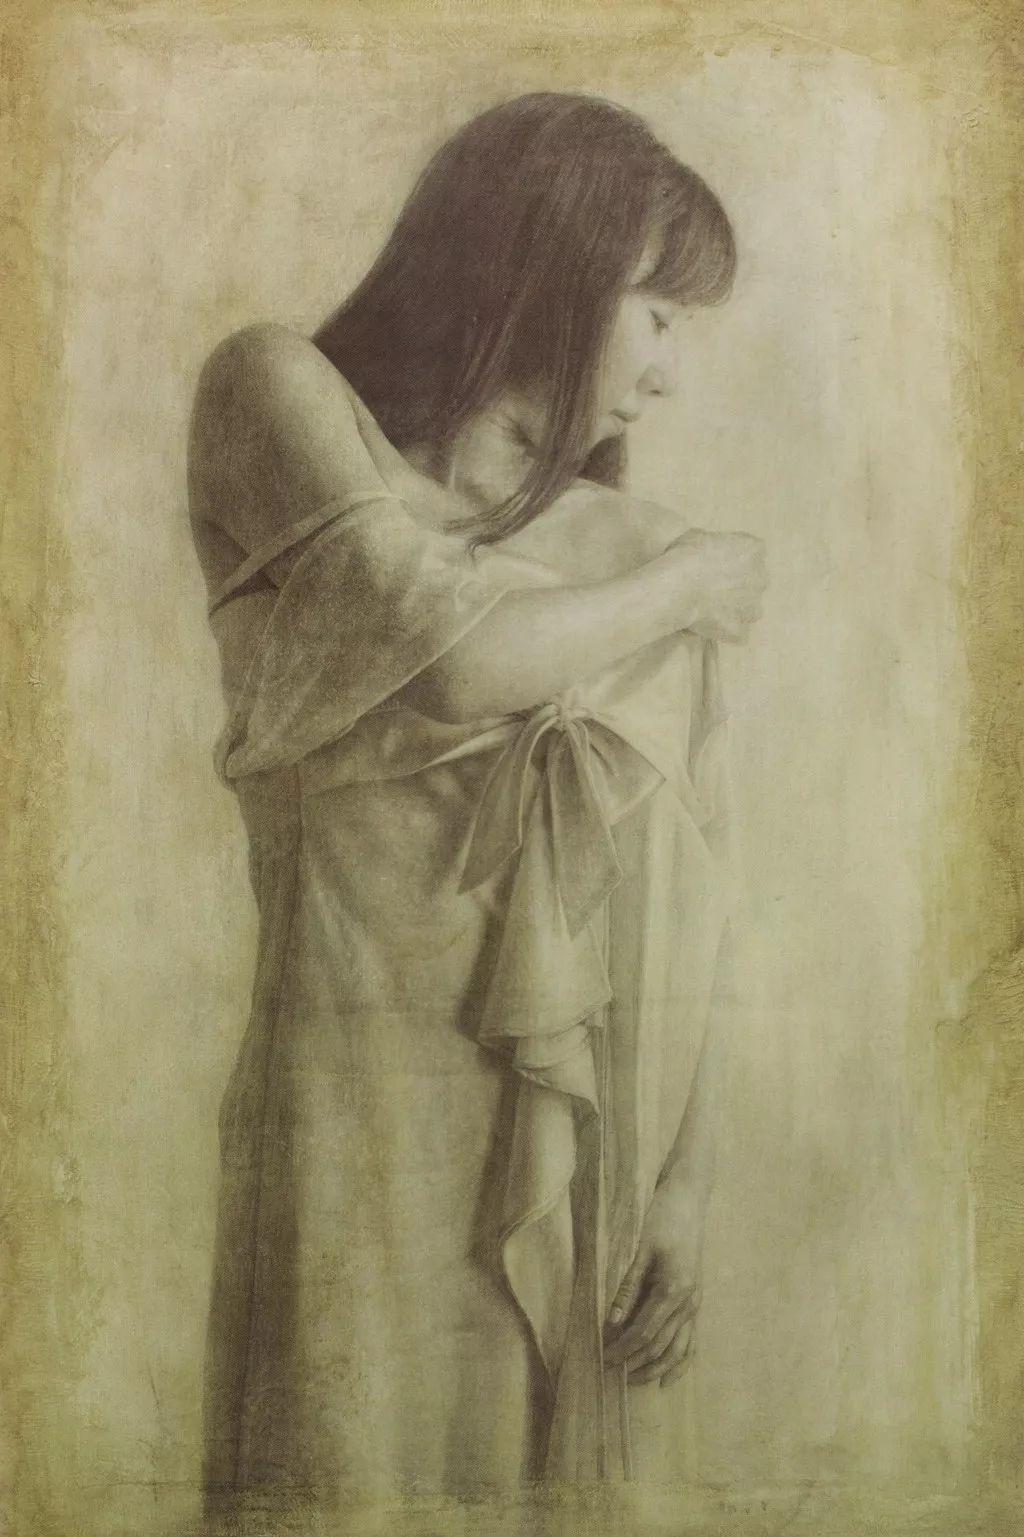 日本青年写实油画 22位画家作品插图113